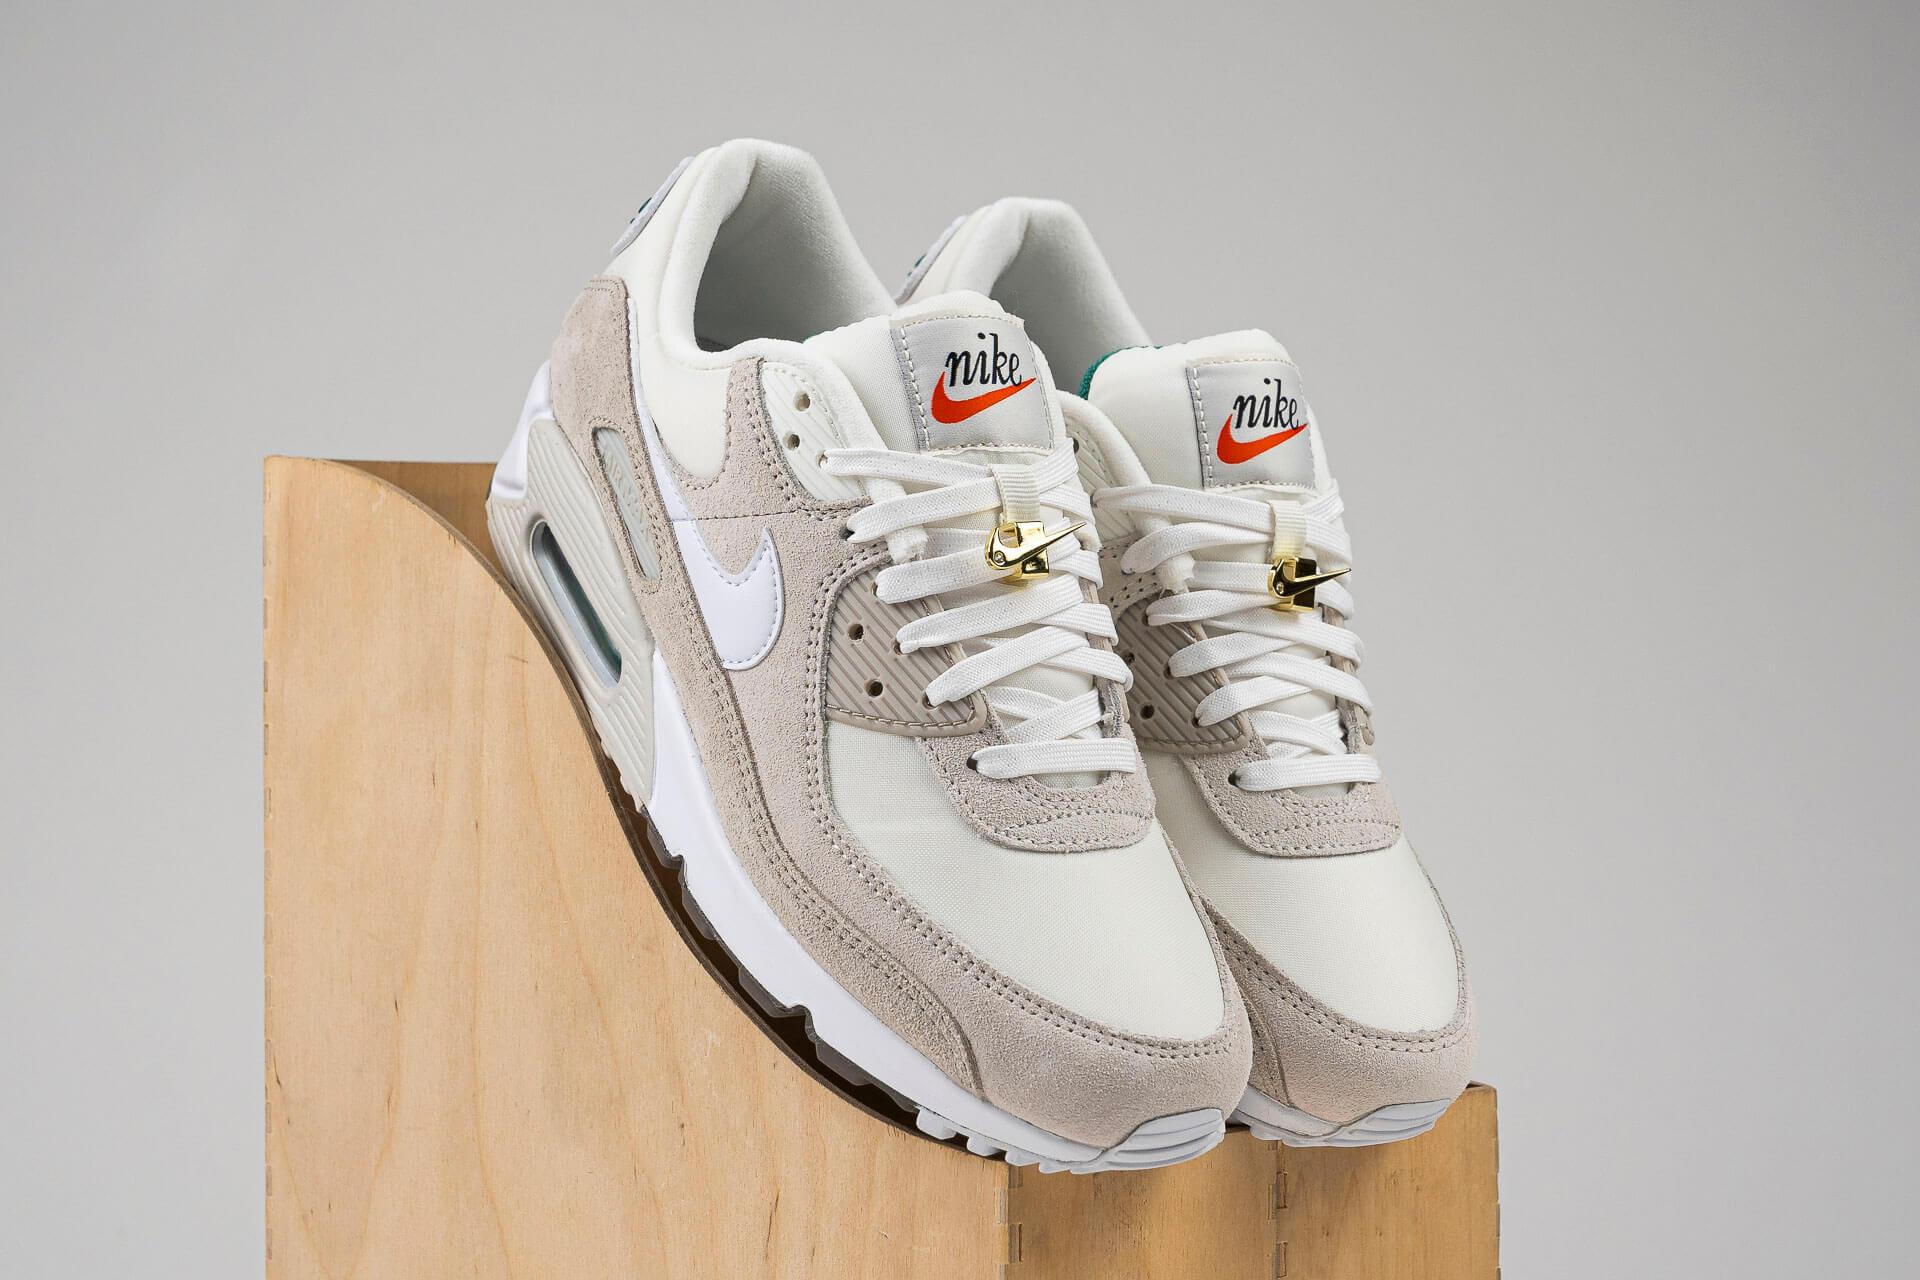 zeigt Air Max 90 SE von Nike